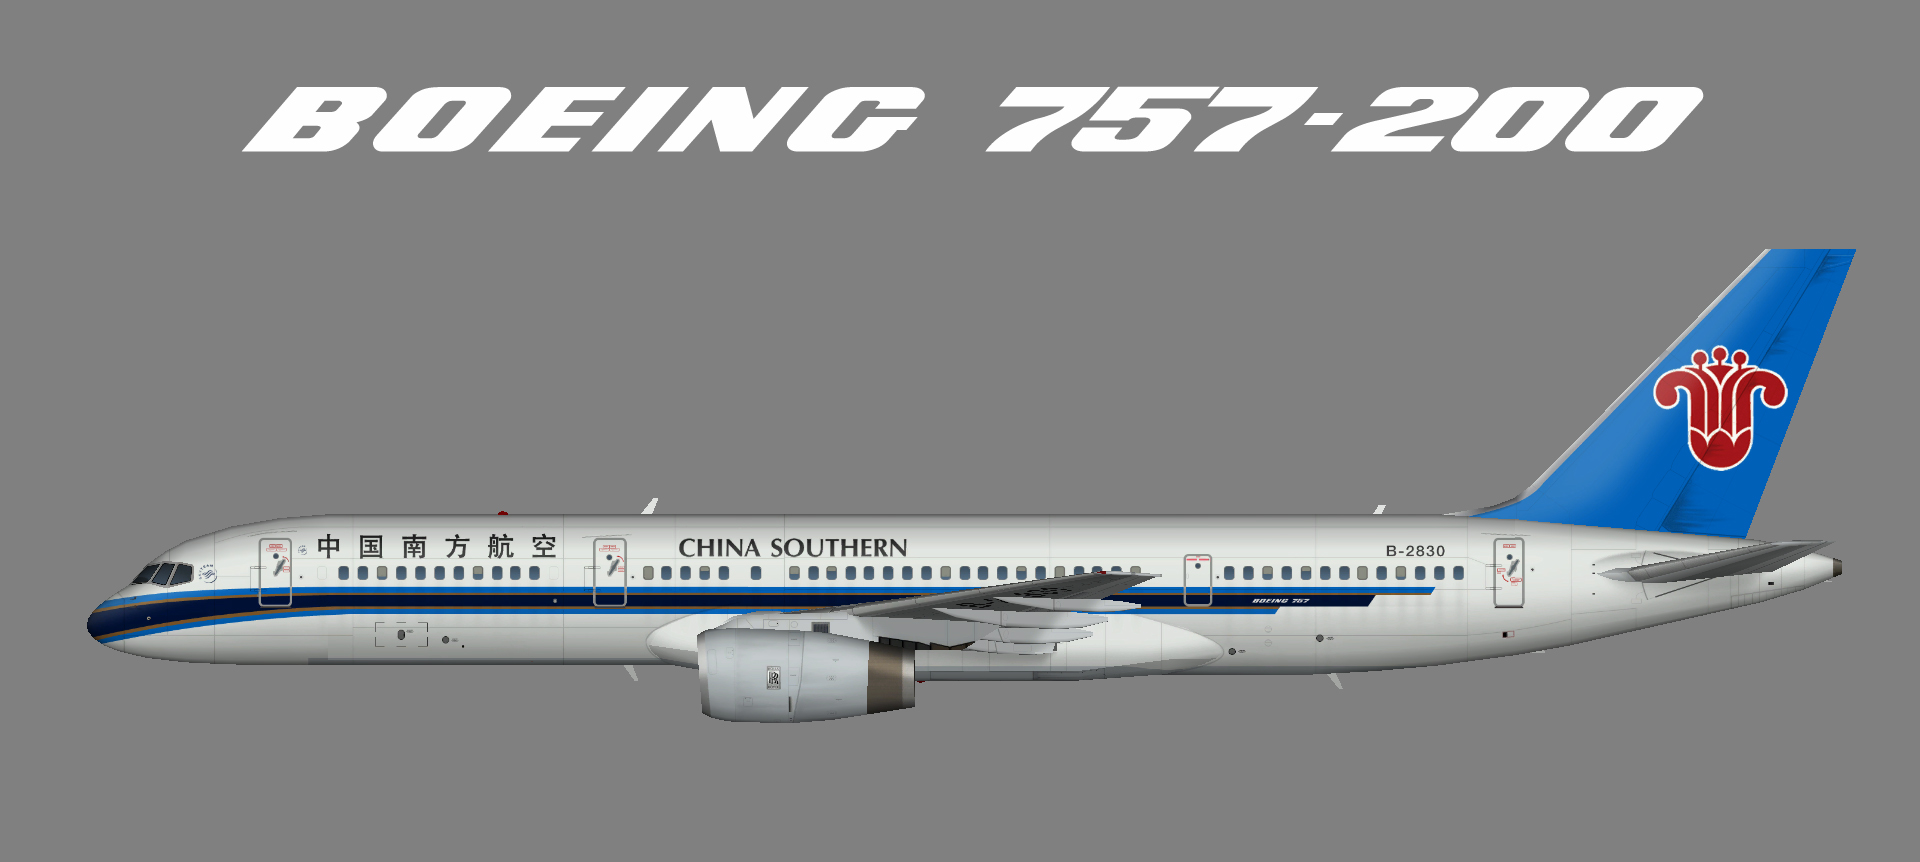 China Southern 757-200